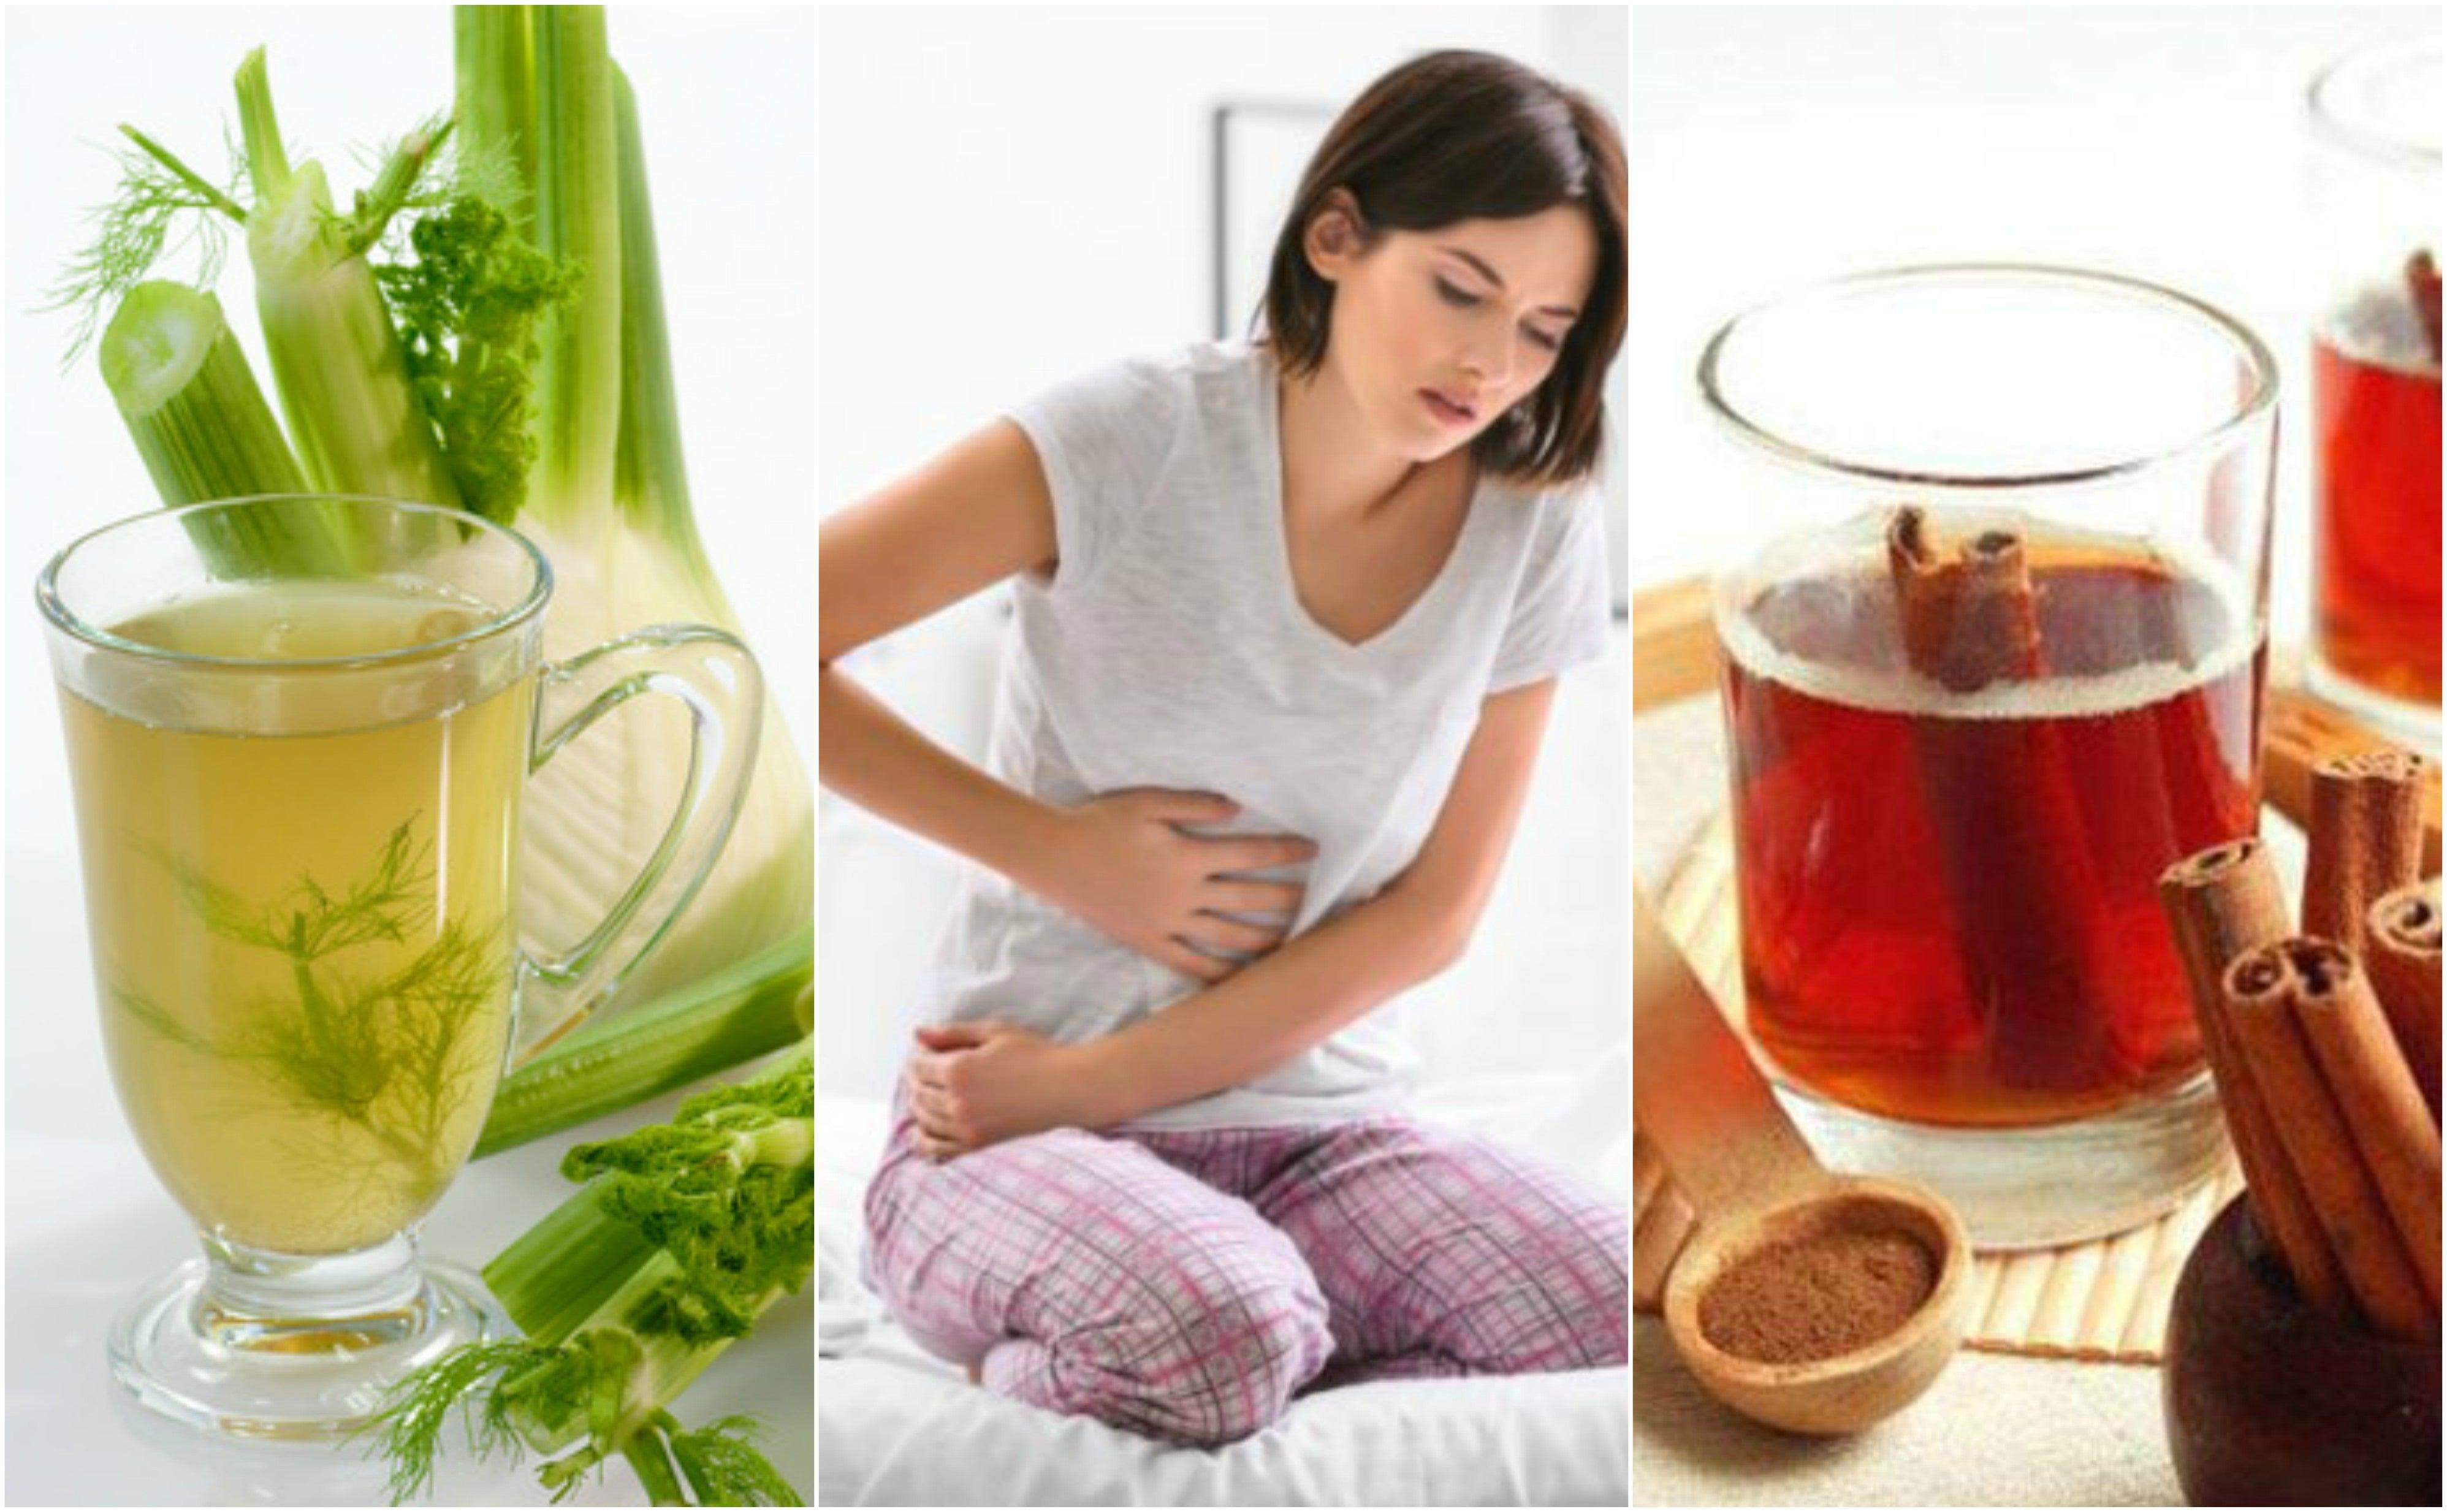 Cómo calmar el ardor de estómago con 5 remedios naturales